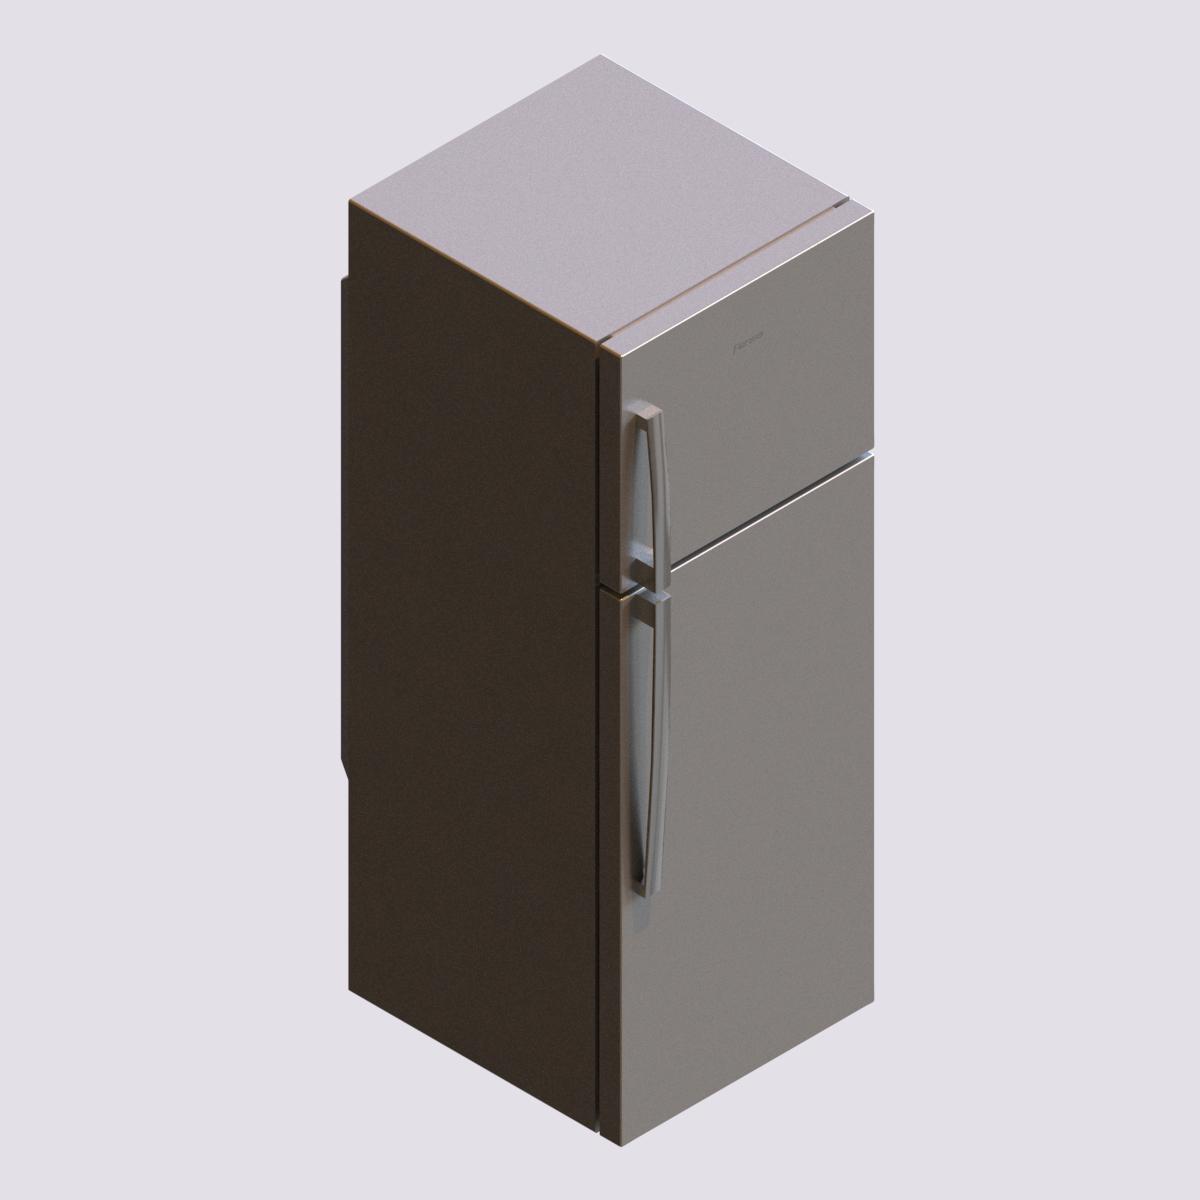 Refrigerador Fensa Advantage 5300 en BIM